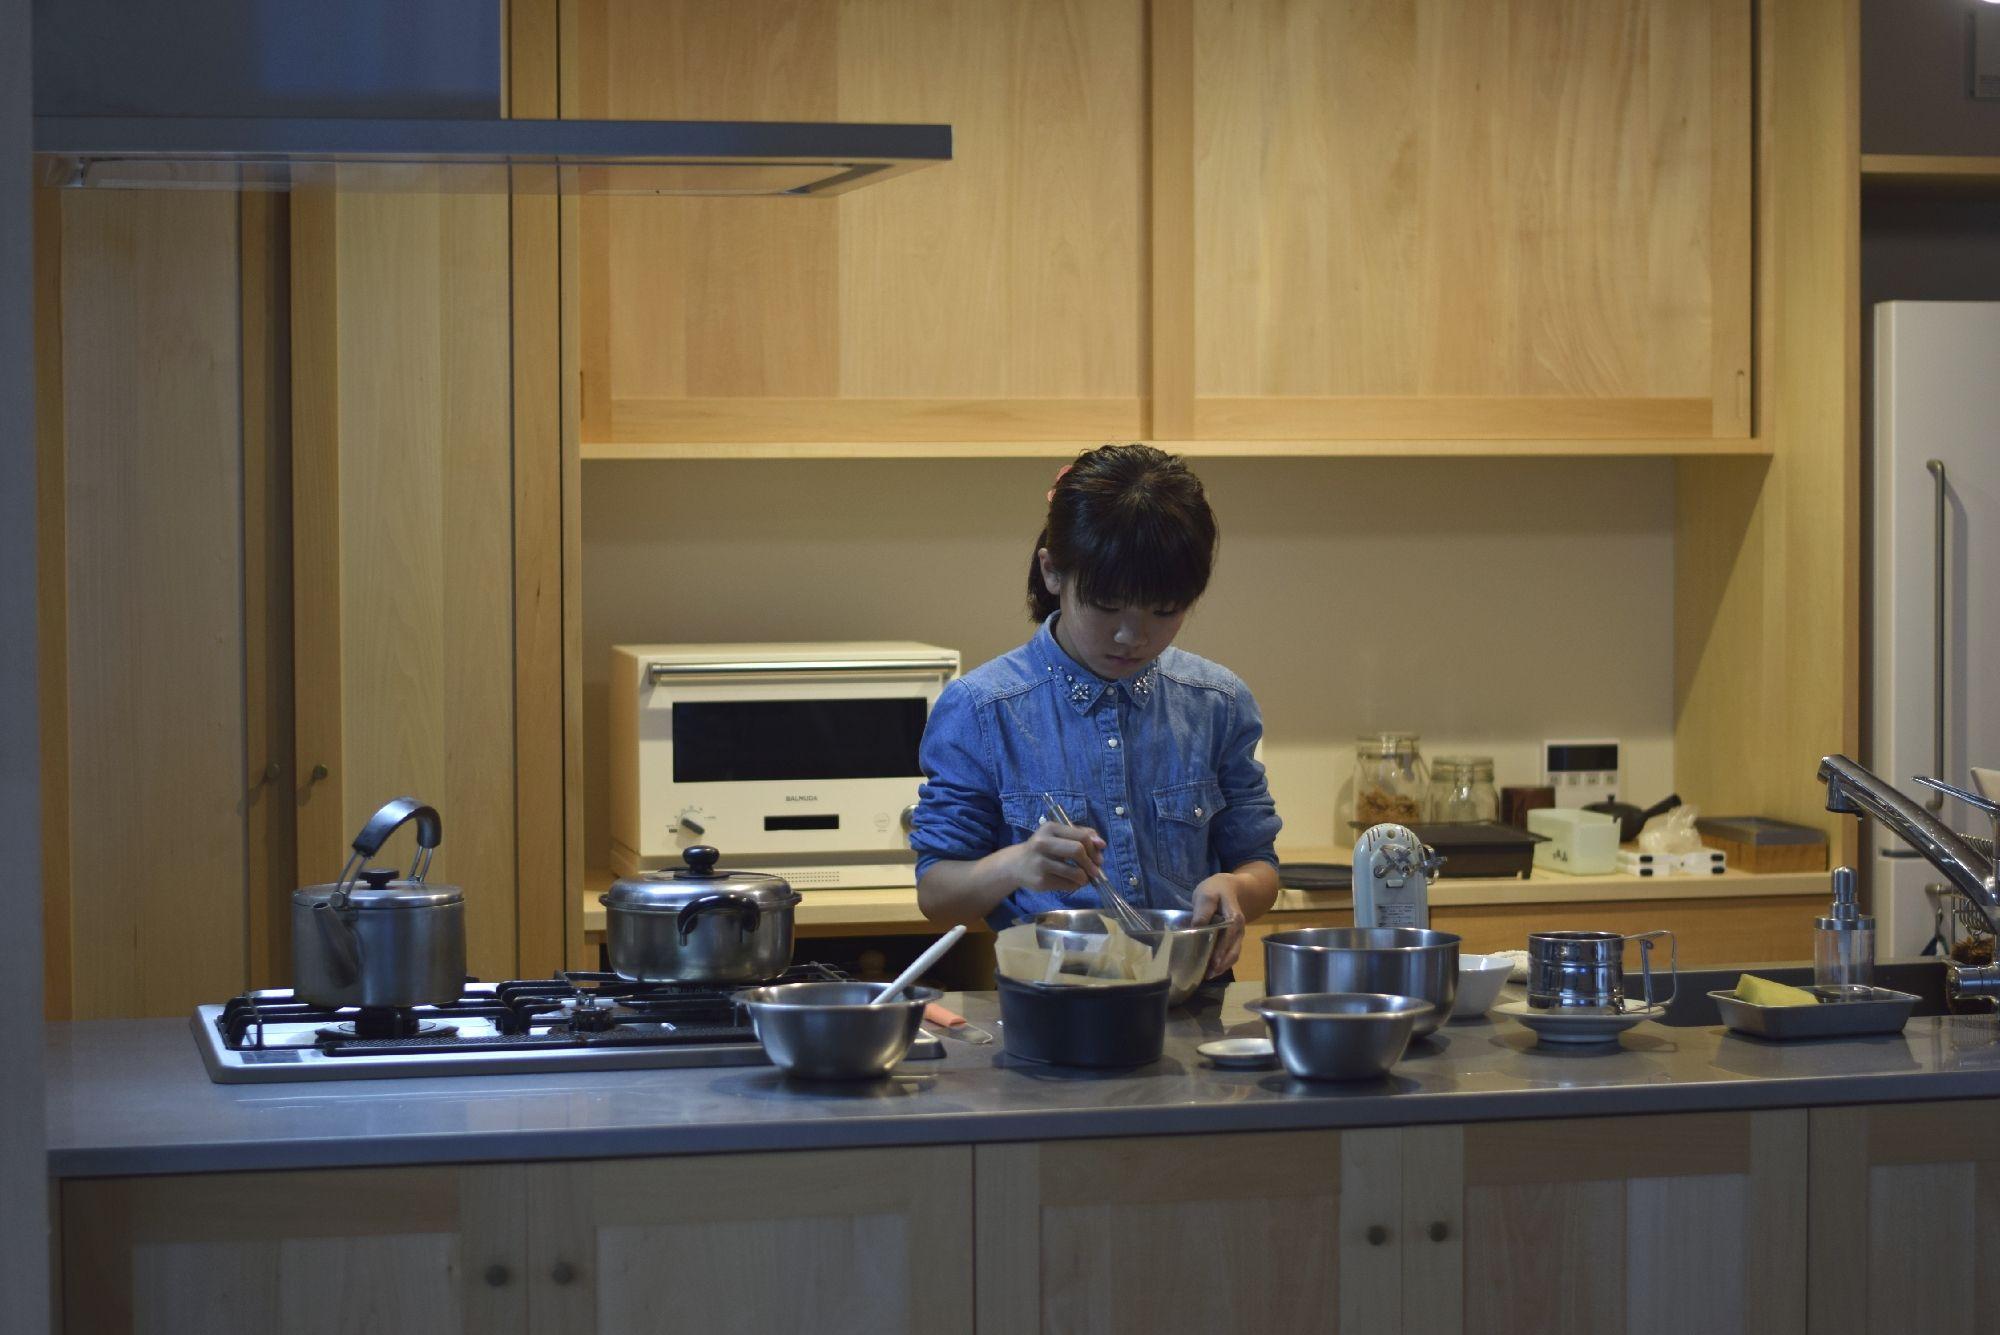 キッチン サイズ感 オーダーキッチン キッチン アリアフィーナ